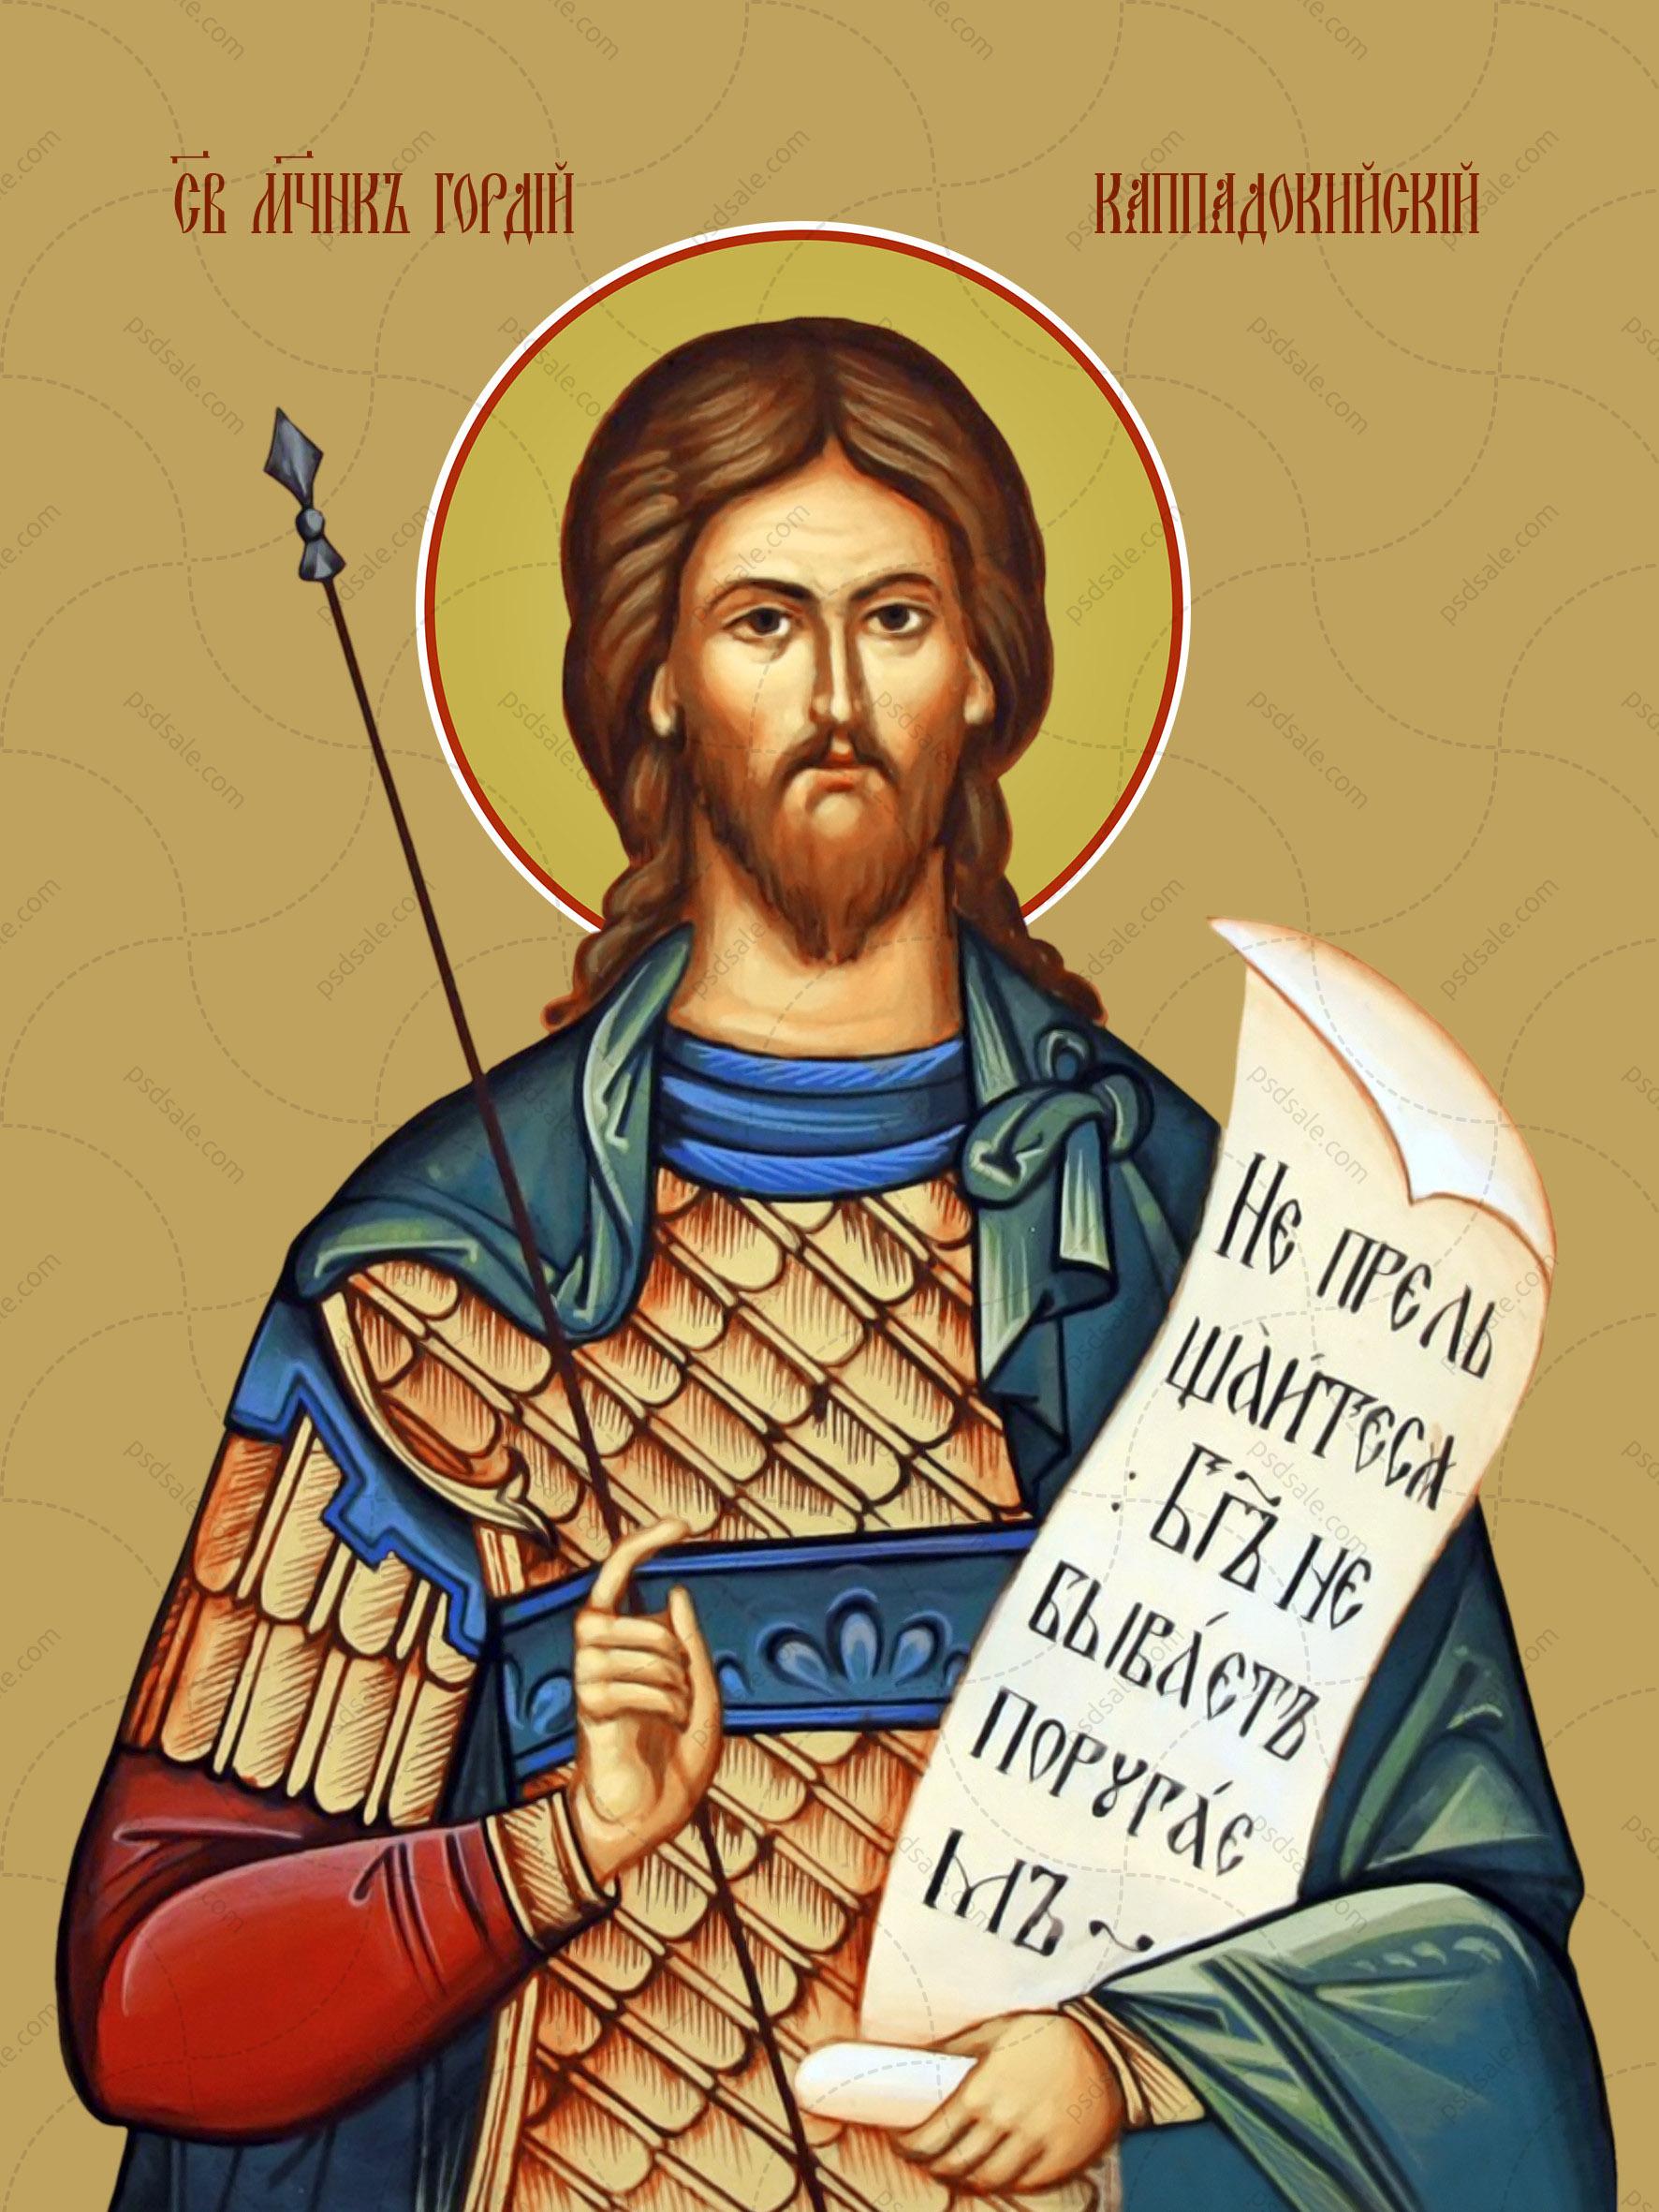 Гордий Каппадокийский, мученик